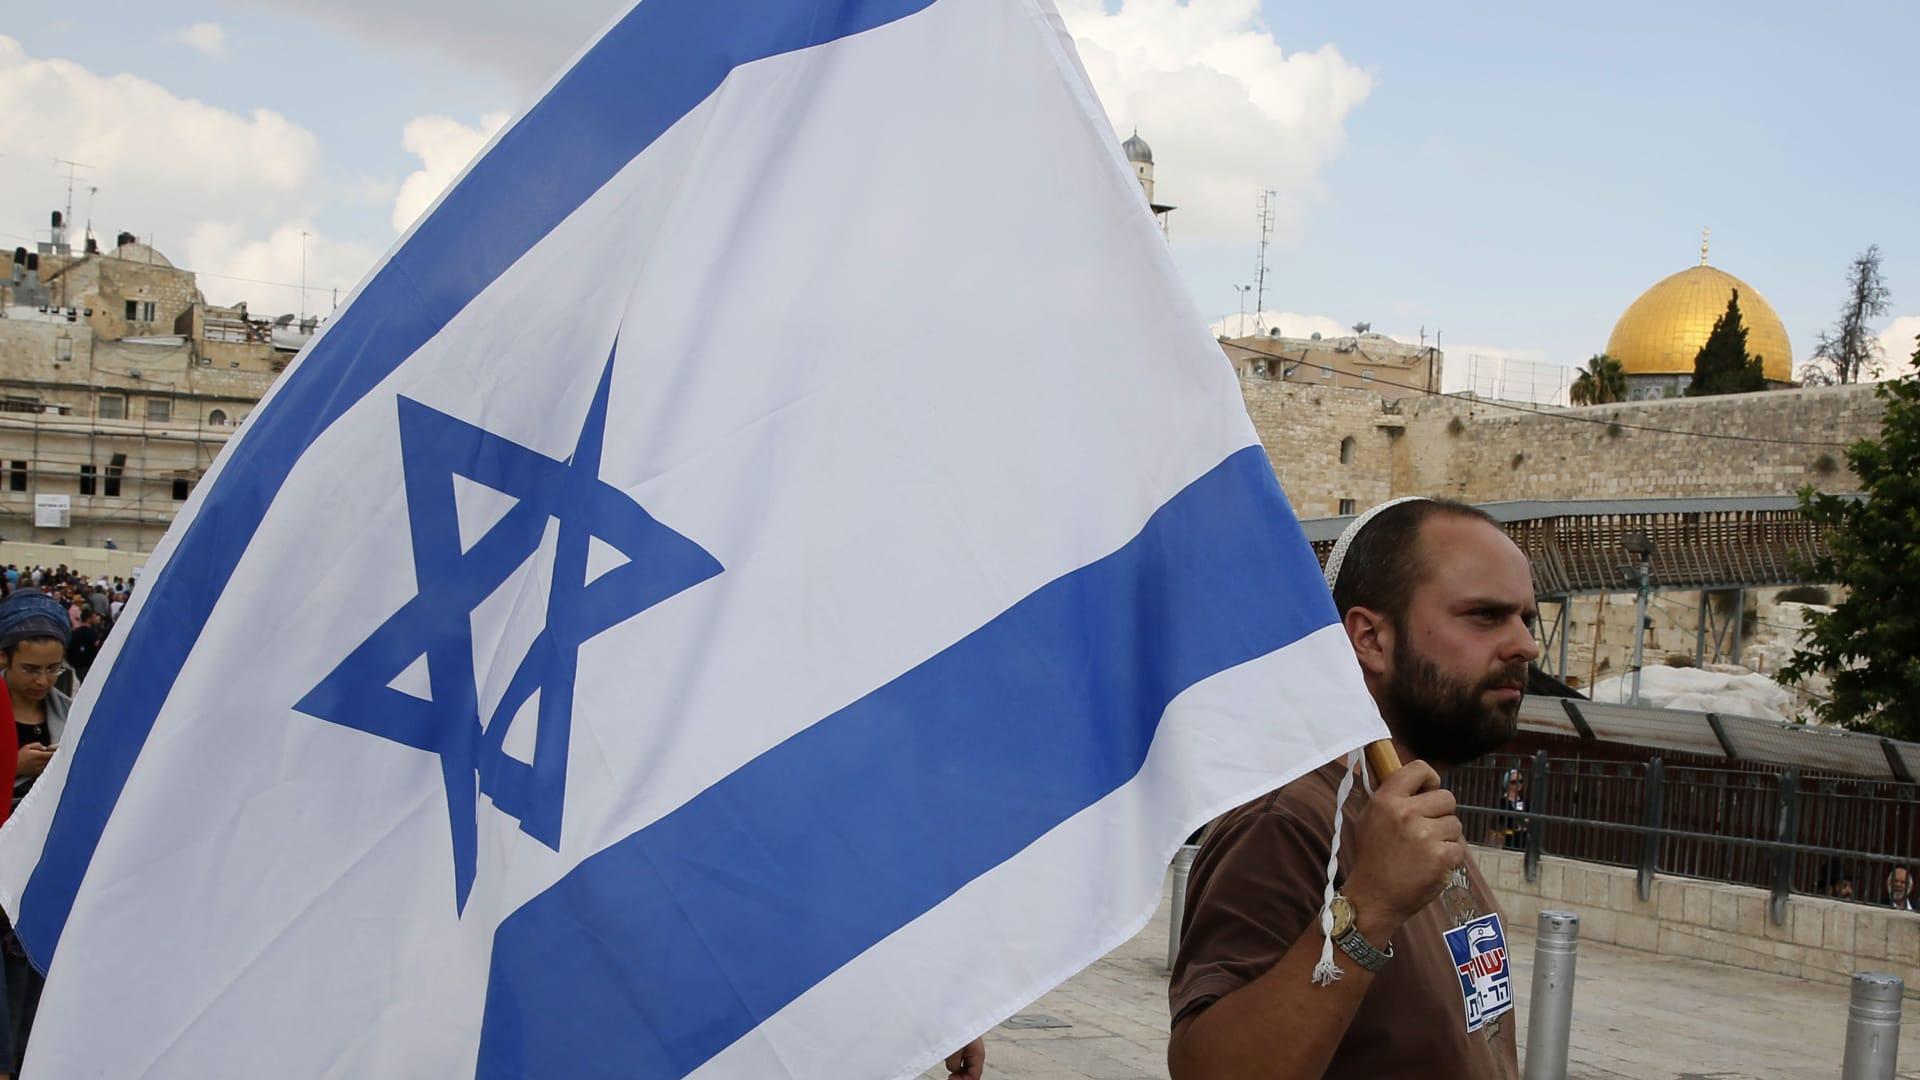 أحد أفراد اليمين الإسرائيلي المتطرف يحمل العلم الإسرائيلي قرب المسجد الأقصى بالقدس.